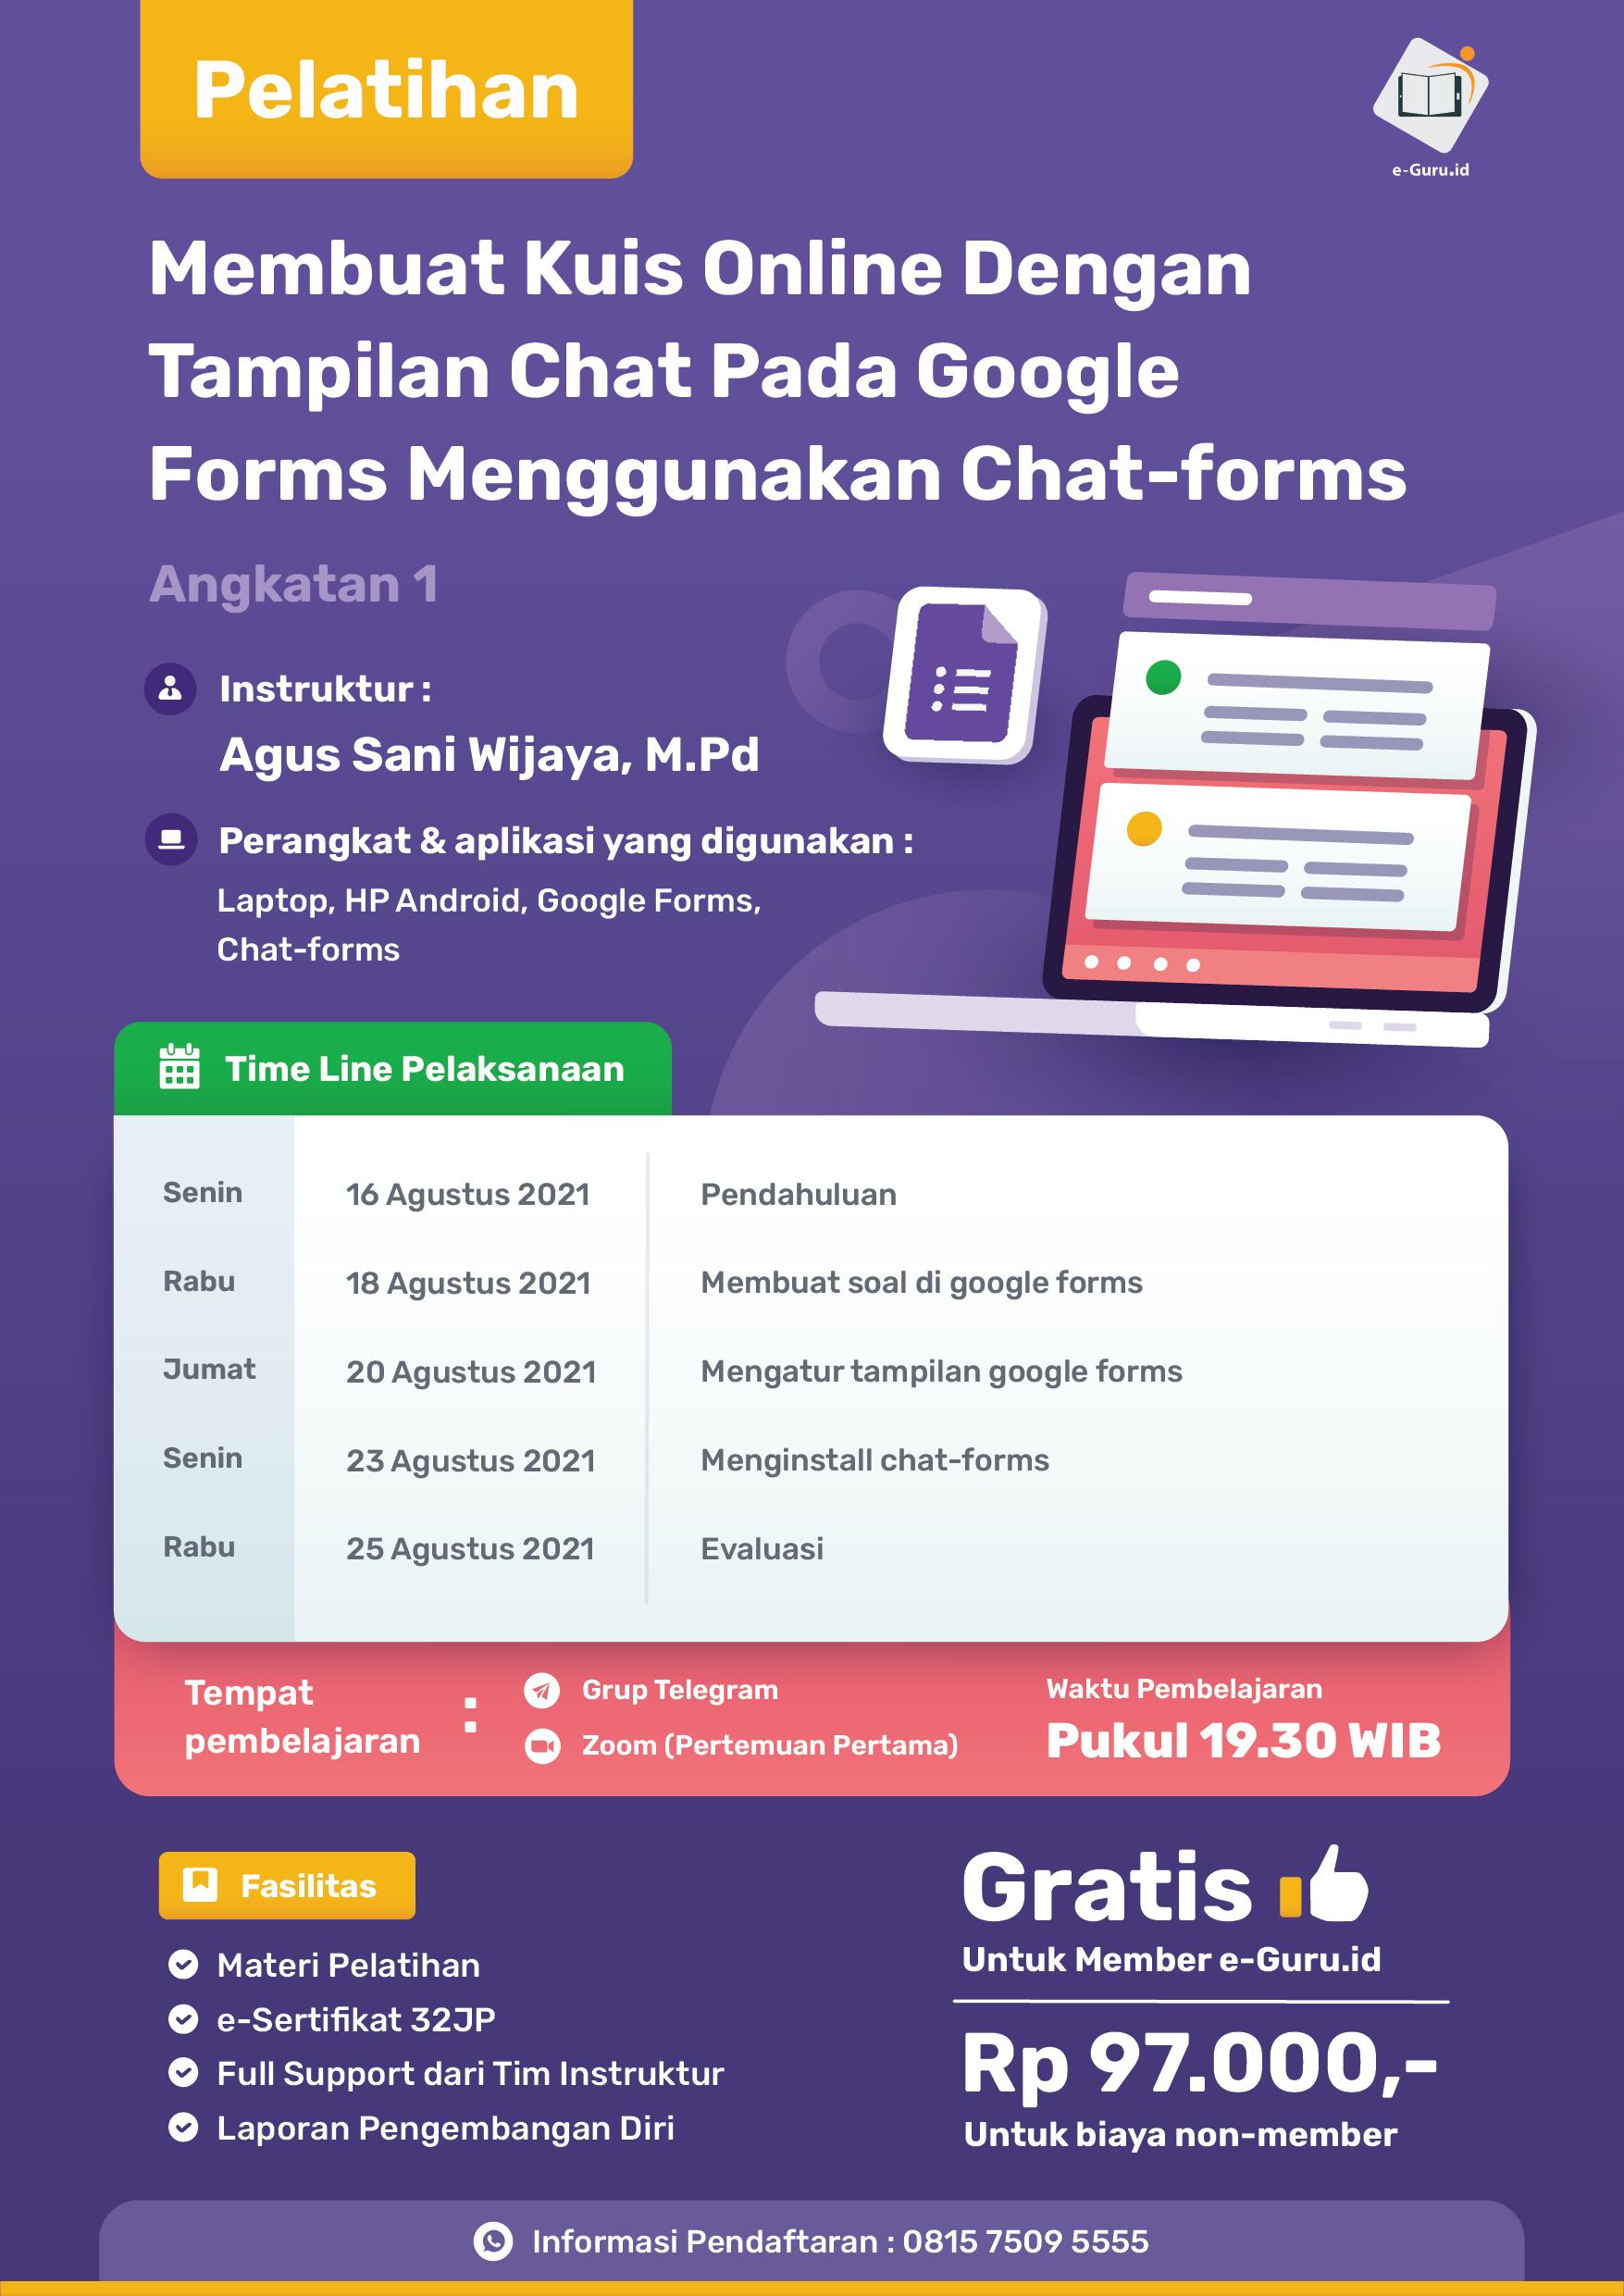 15. Membuat Kuis Online Dengan Tampilan Chat Pada Google Forms-02